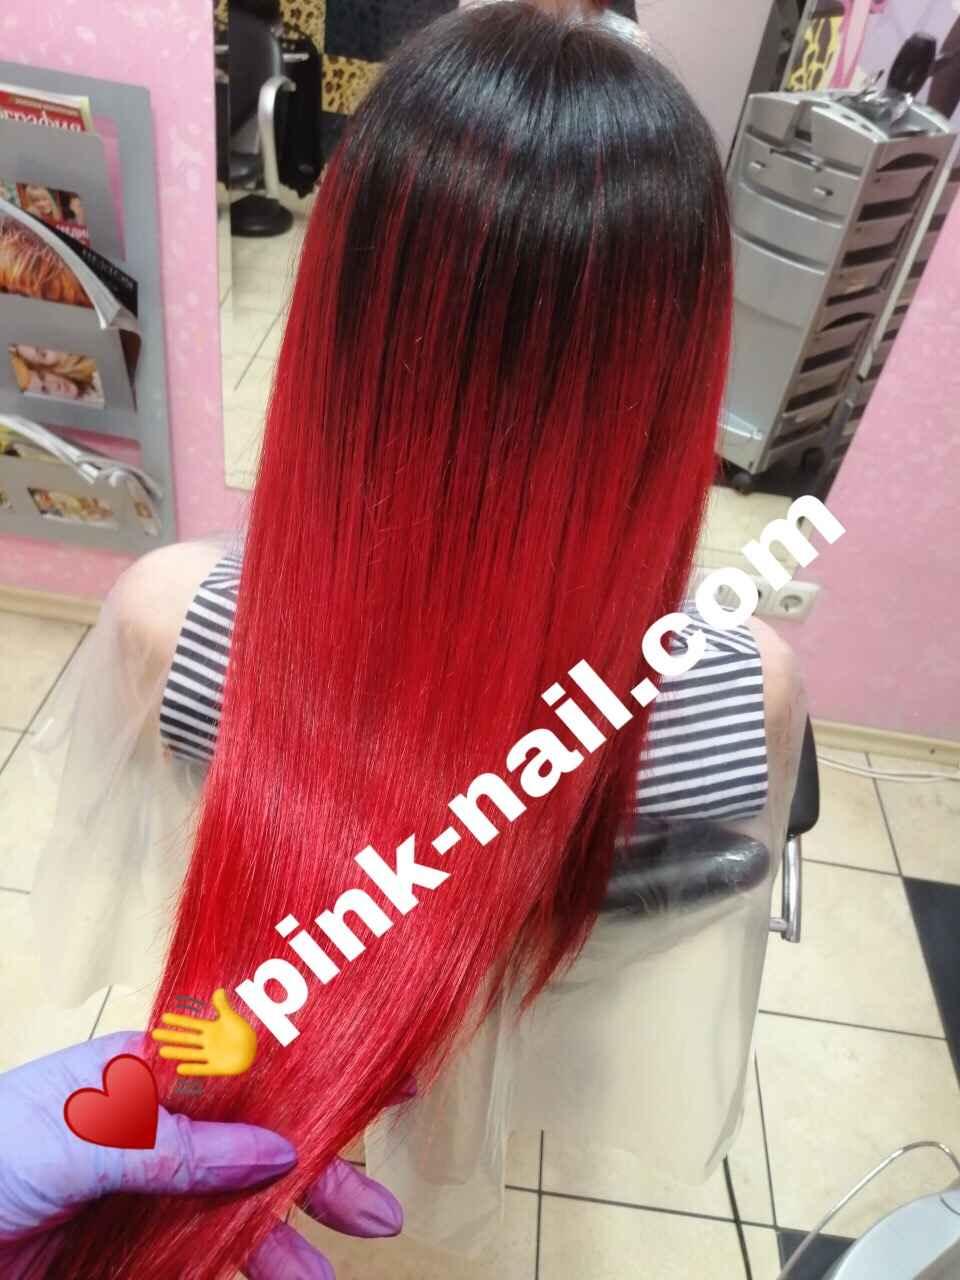 профессиональное окрашивание волос студия Розовая пантера Минск